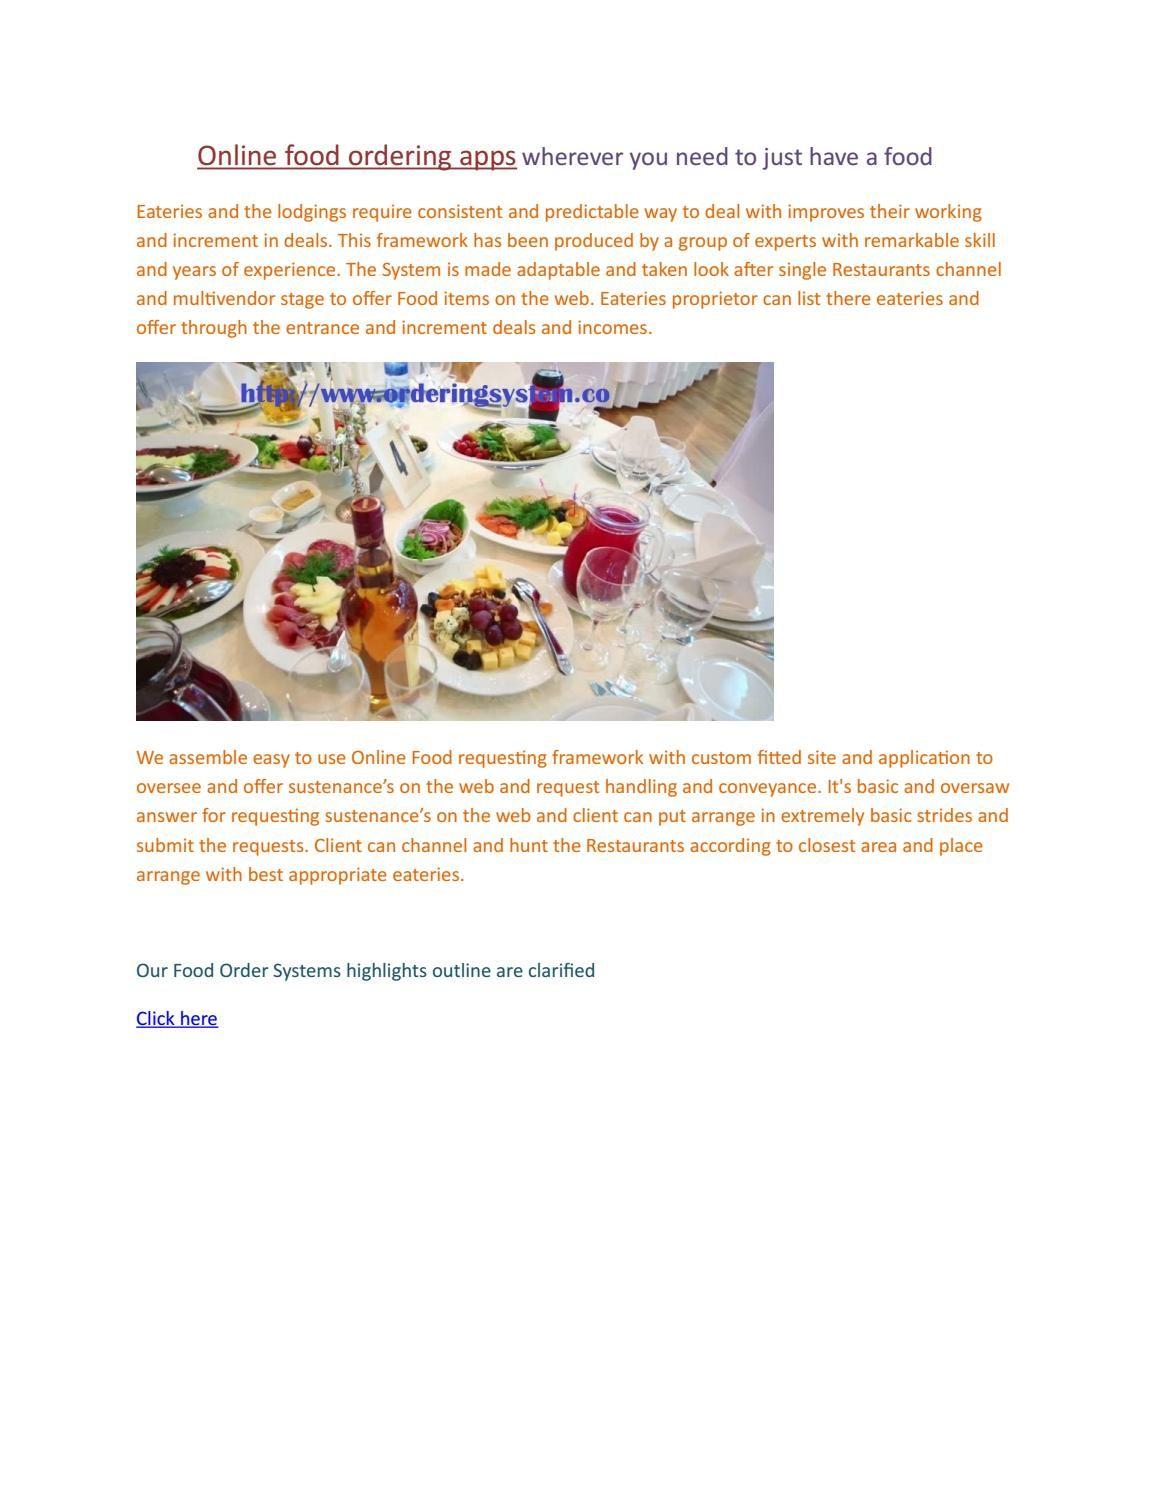 Online food order app food delivery food ordering apps online online food order app food delivery food ordering apps online food order forumfinder Images